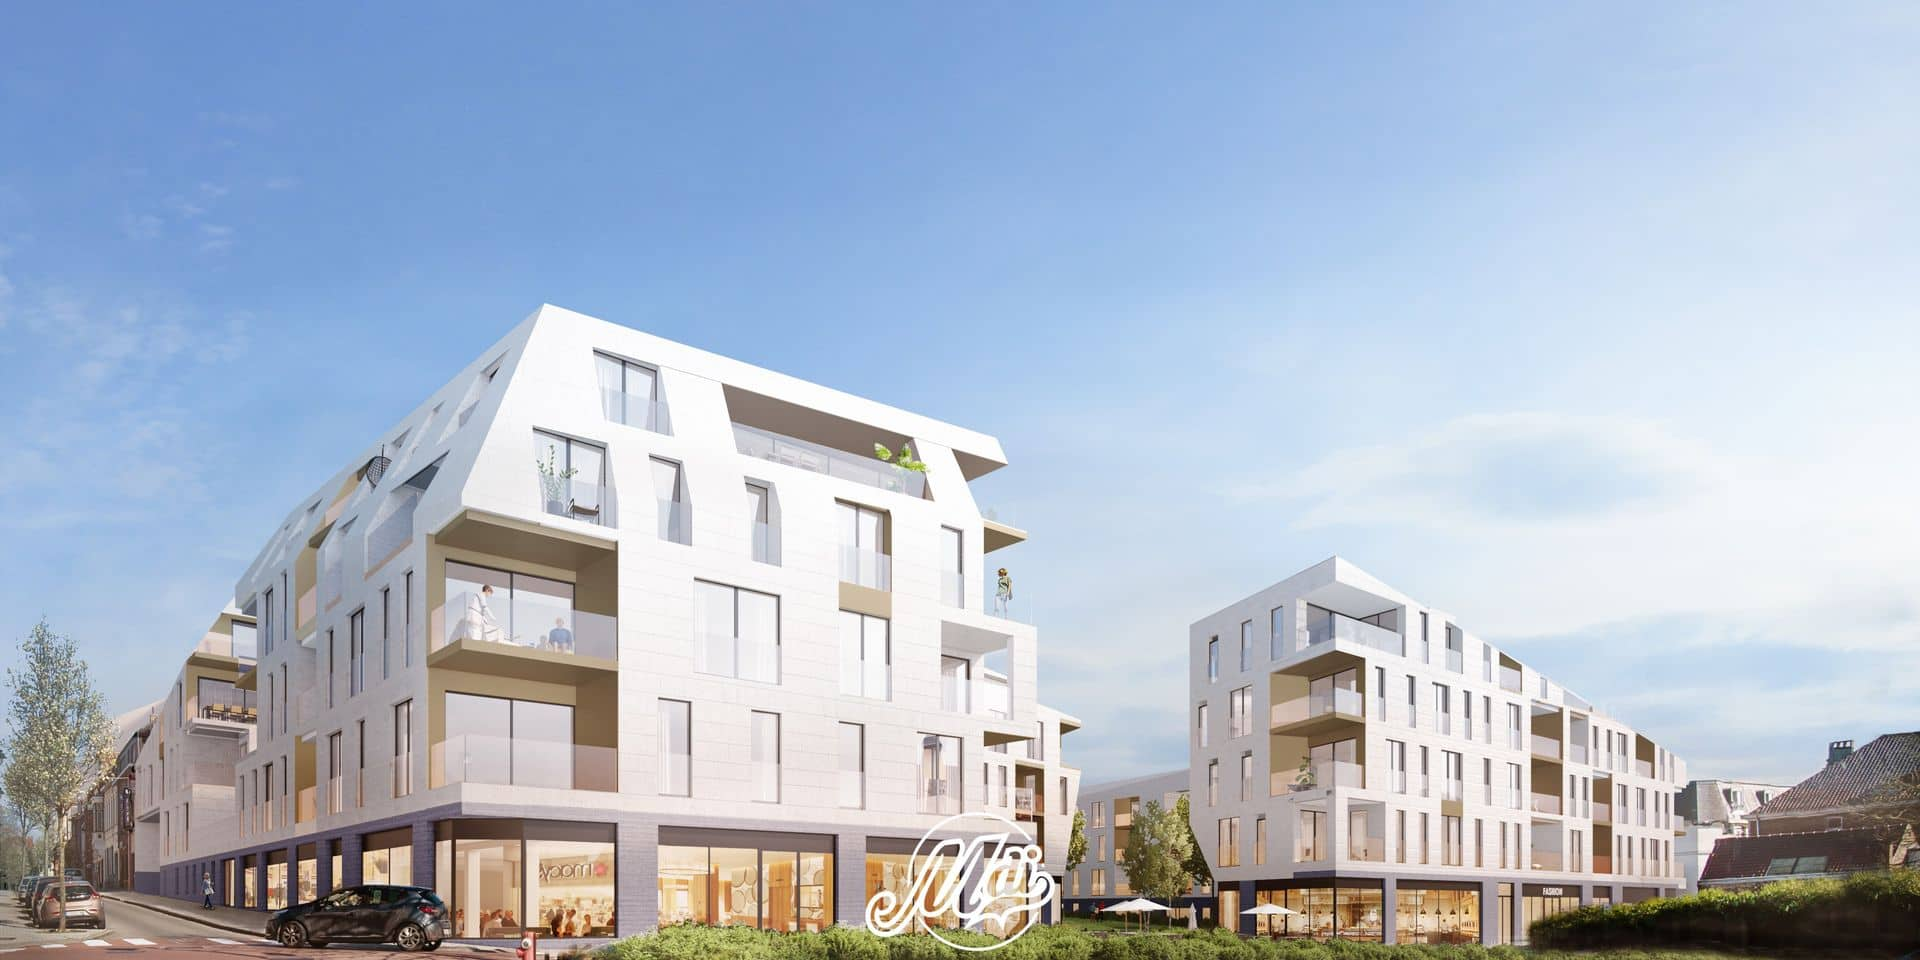 Le chantier a commencé sur le site l'ancien lycée de Braine-l'Alleud